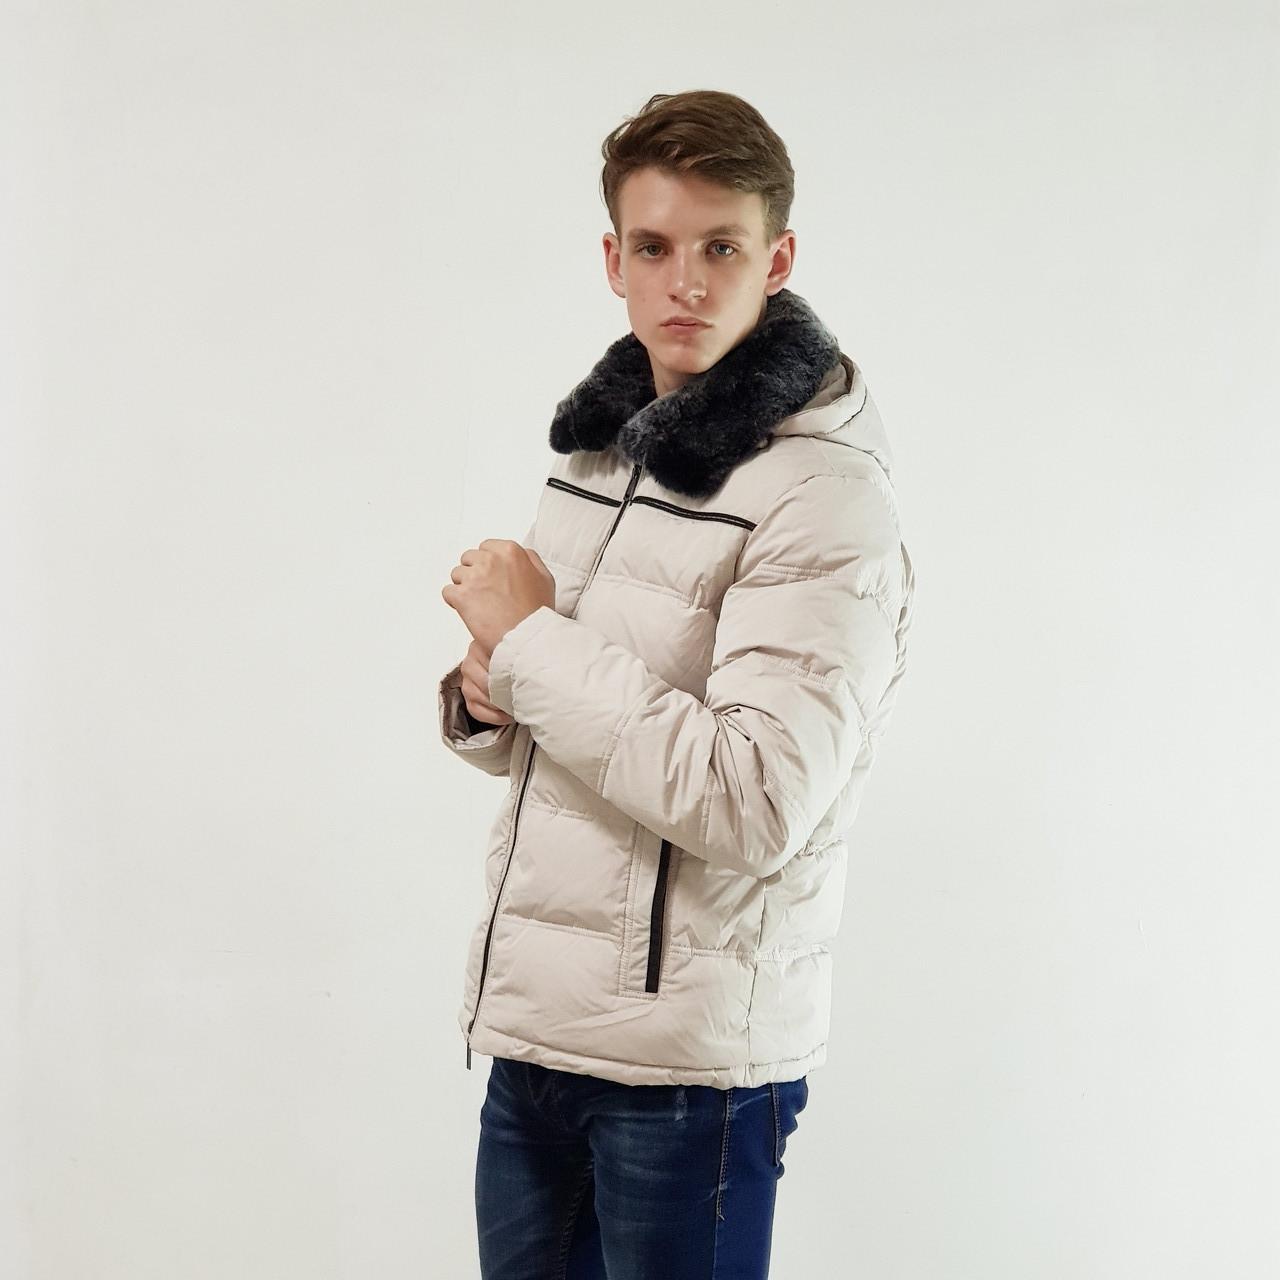 Куртка мужская зимняя Snowimage с капюшоном 46 бежевый 127-9189